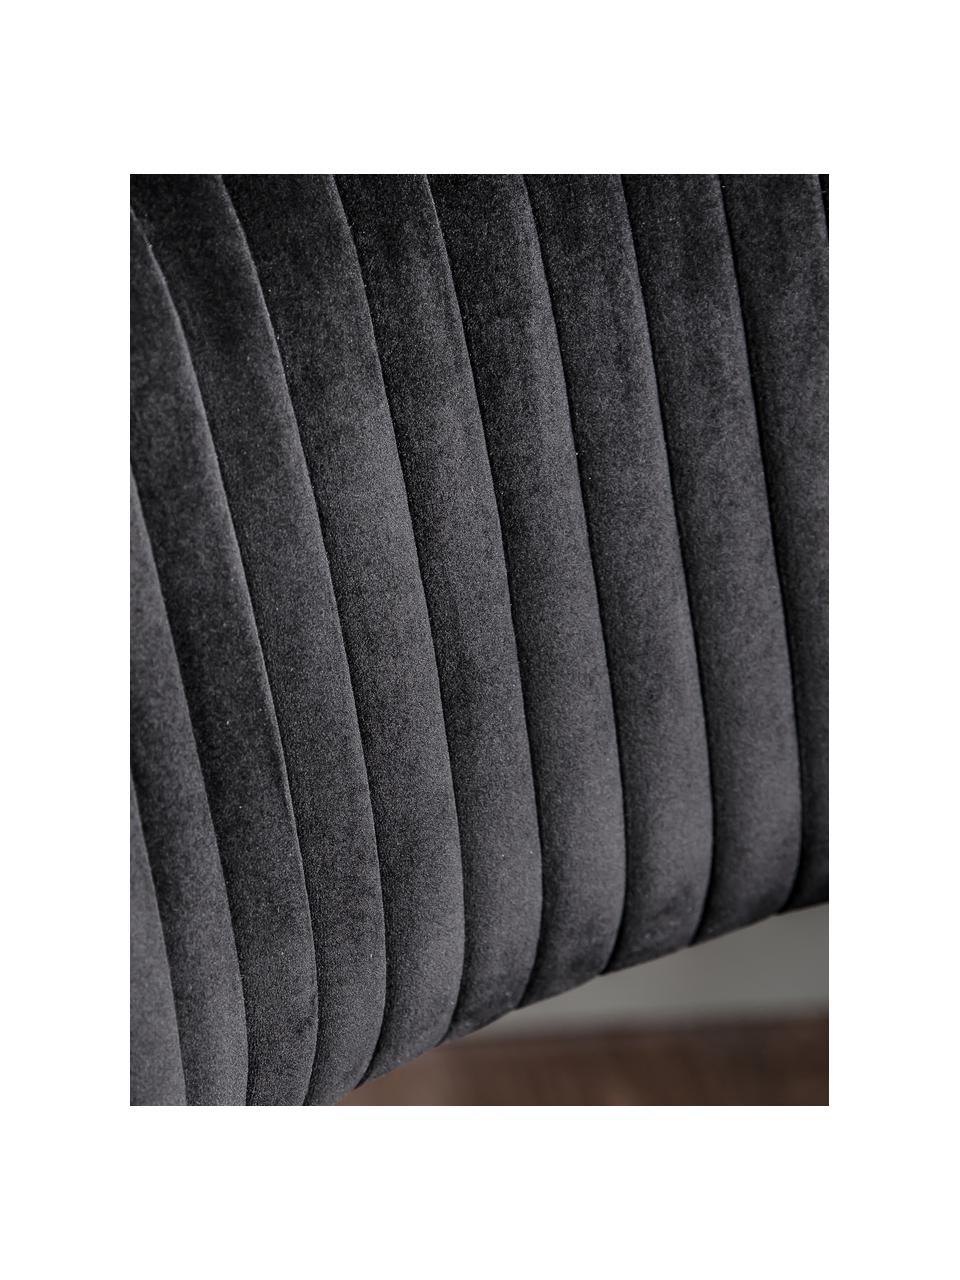 Biurowe krzesło obrotowe z aksamitu Murray, Tapicerka: aksamit poliestrowy, Nogi: metal galwanizowany, Czarny, S 56 x G 52 cm